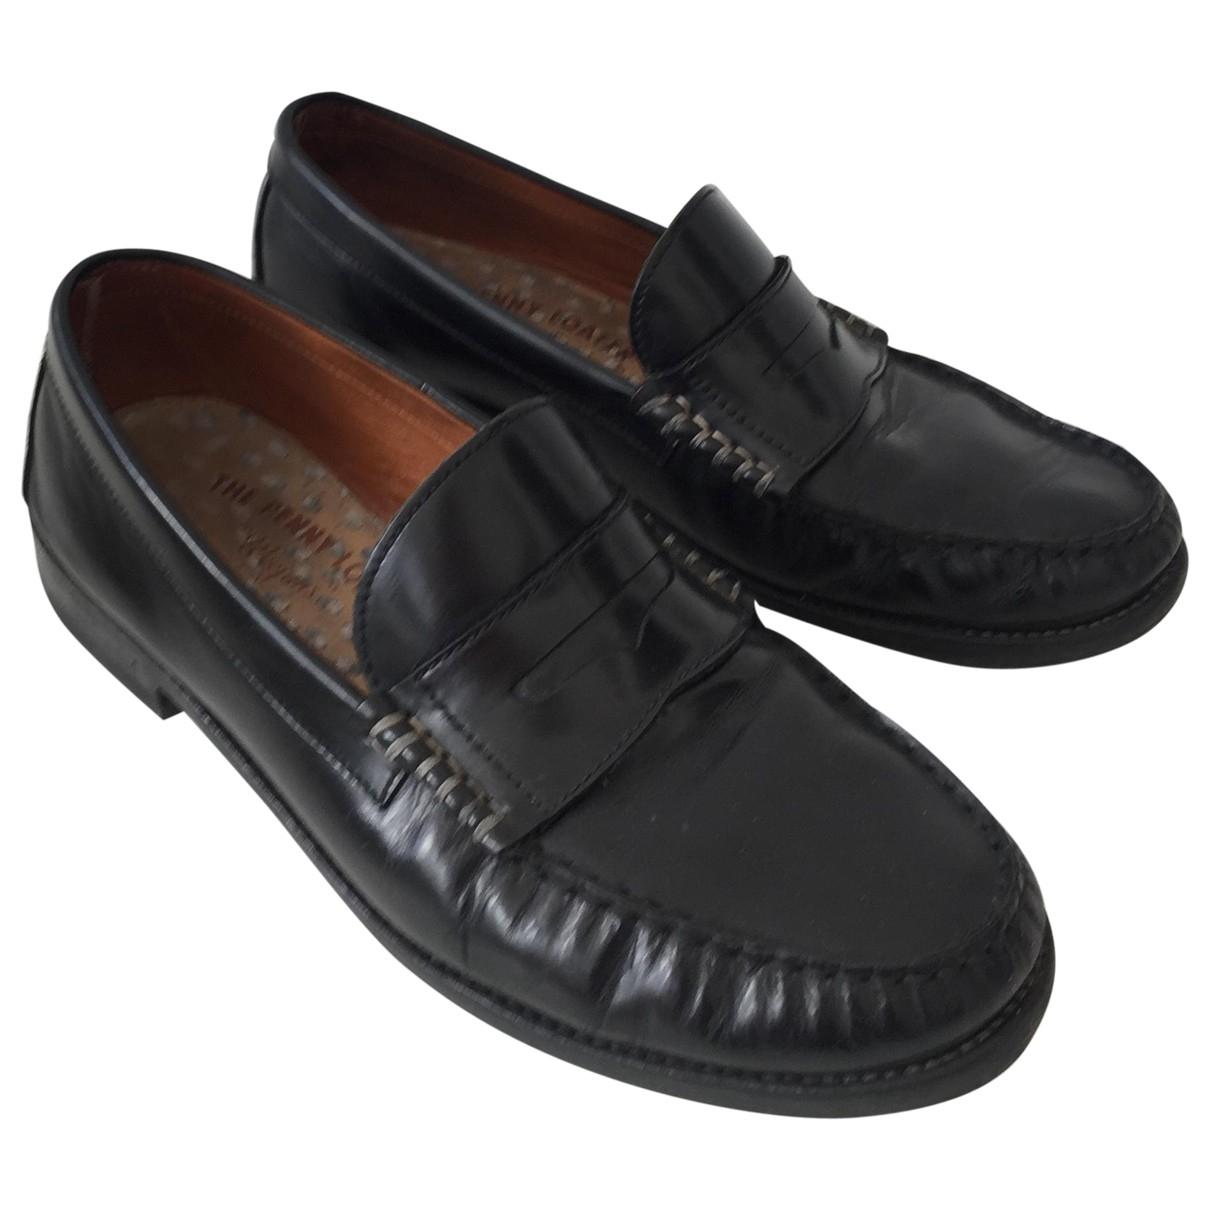 Tommy Hilfiger \N Black Leather Flats for Men 44 EU